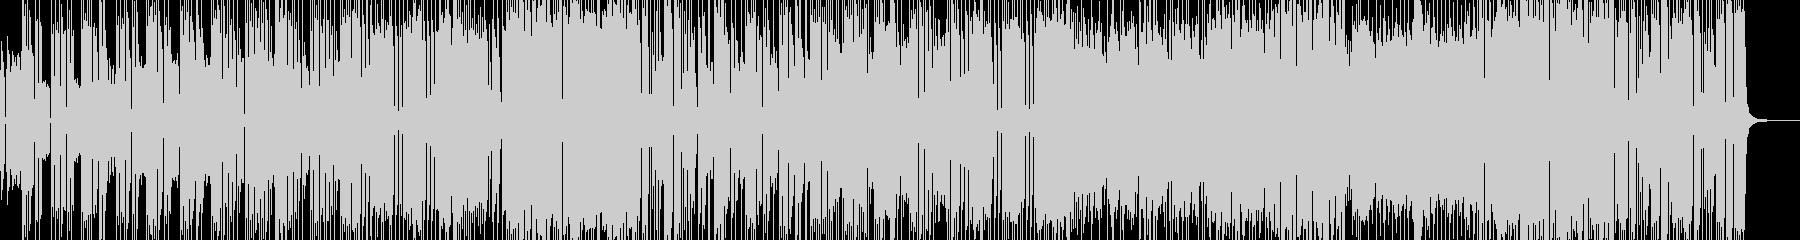 シンセ際立つ洋楽風4ピースロック Bの未再生の波形